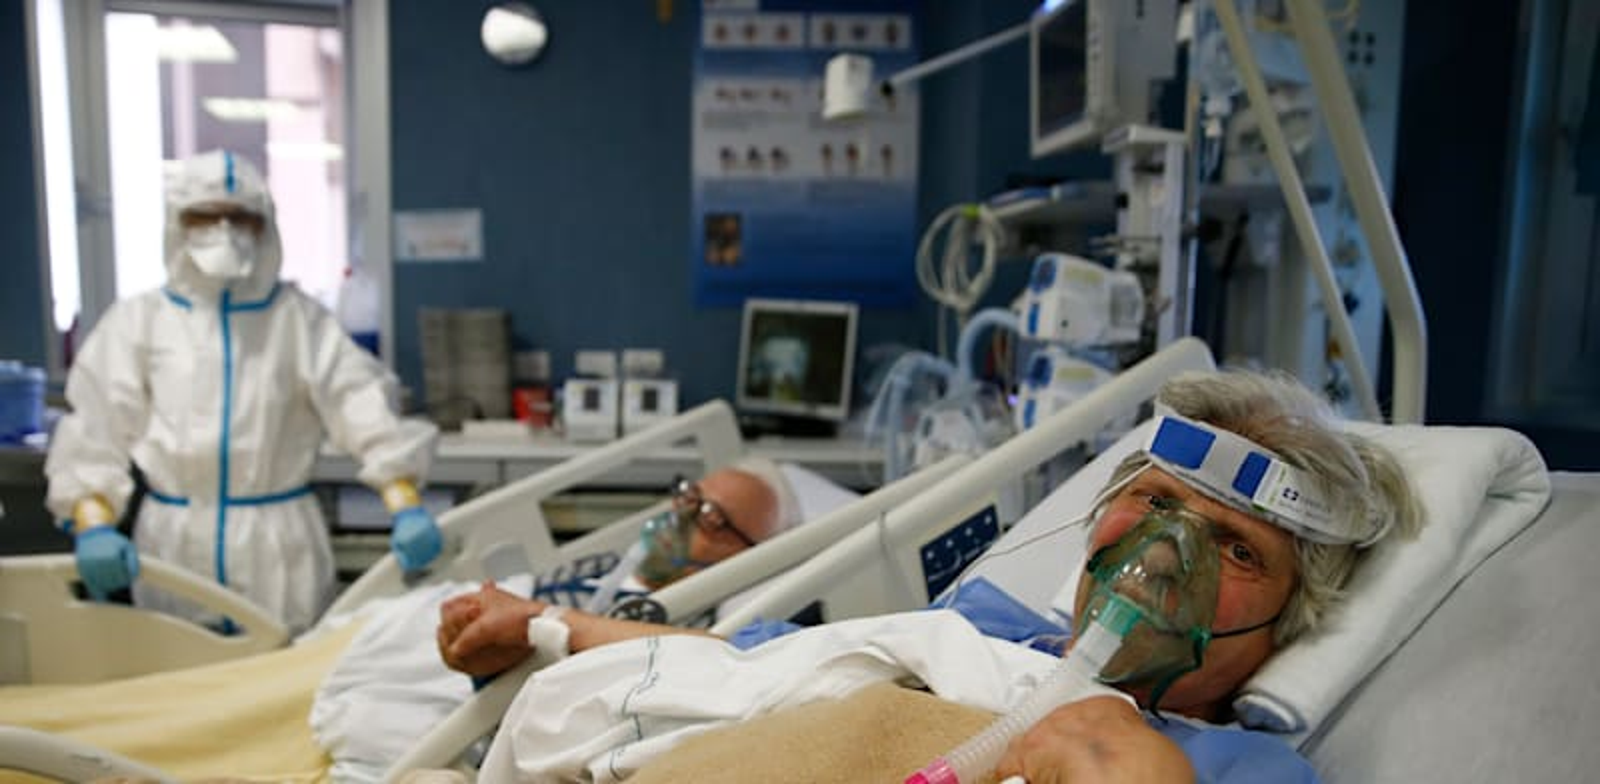 בעל ואישה שנדבקו בנגיף הקורונה מאושפזים בבית חולים ברומא, איטליה / צילום: Associated Press